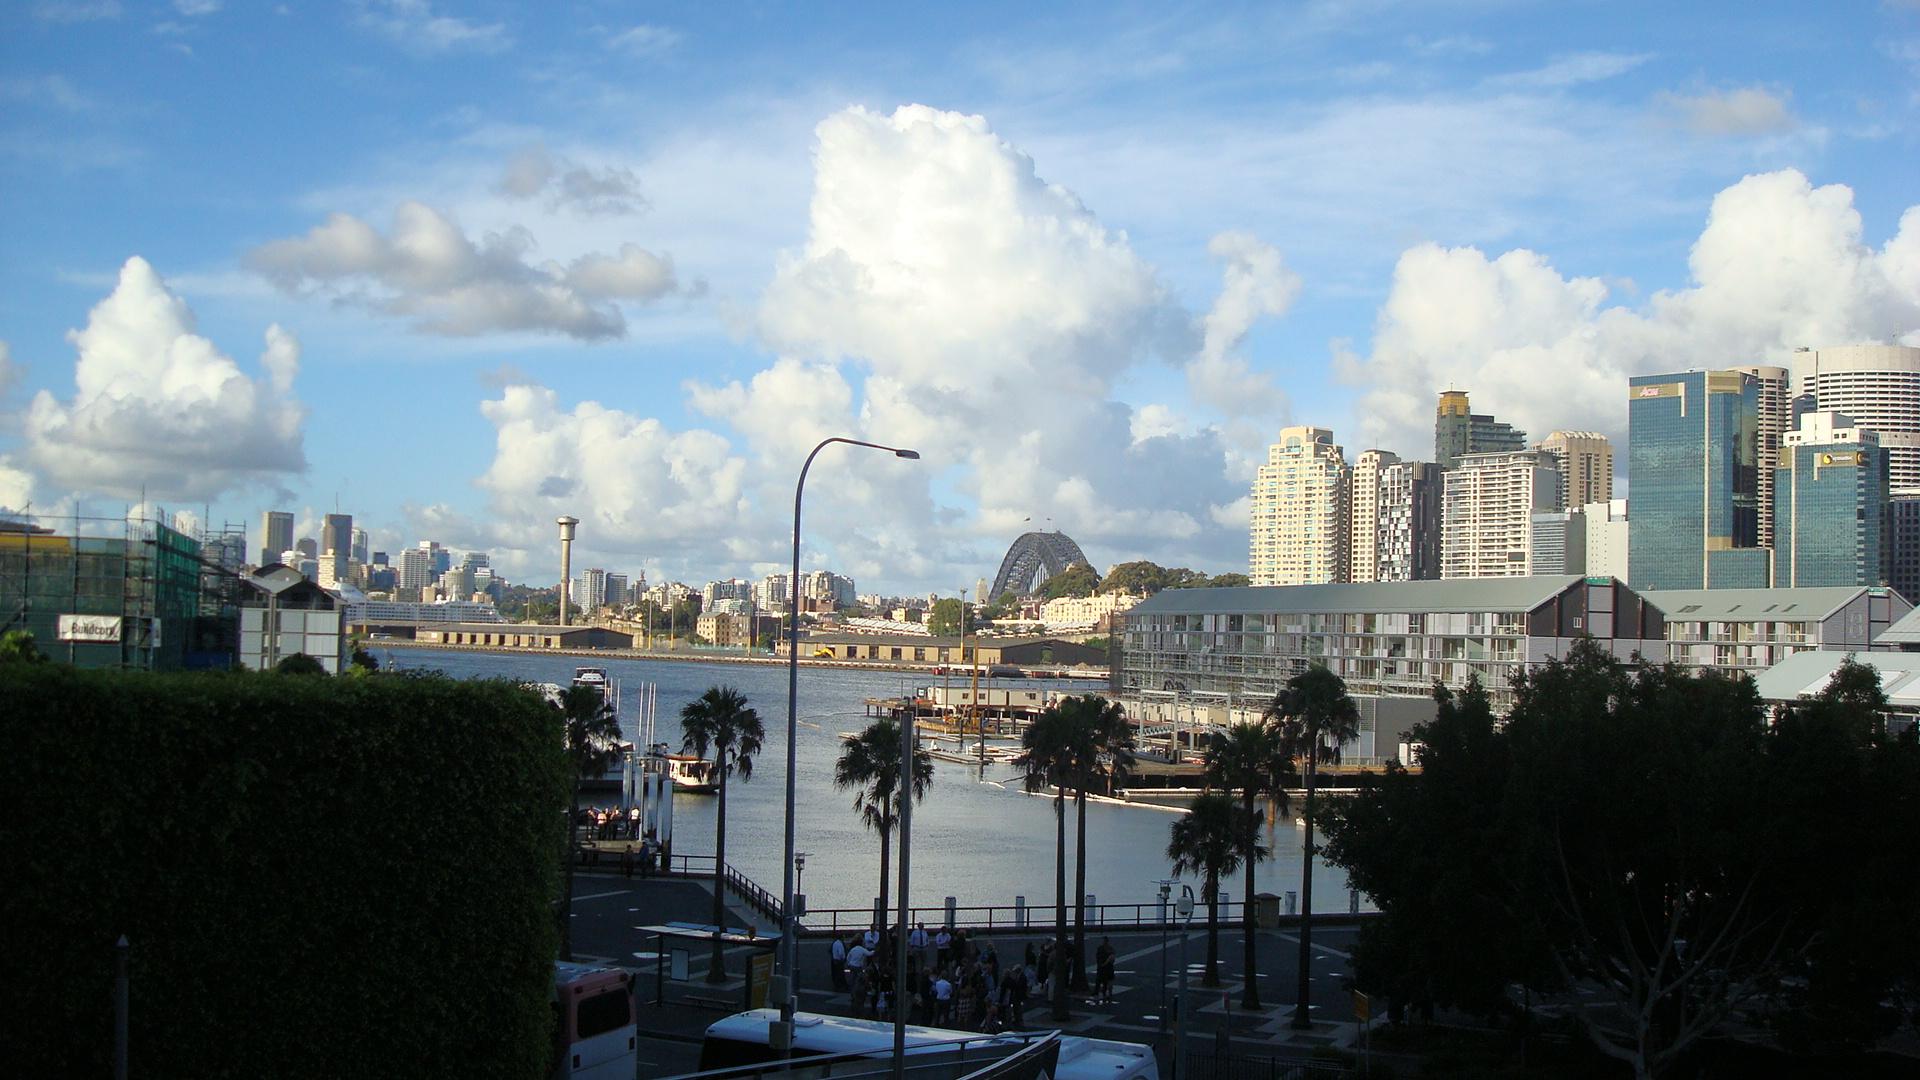 Sydney Star City